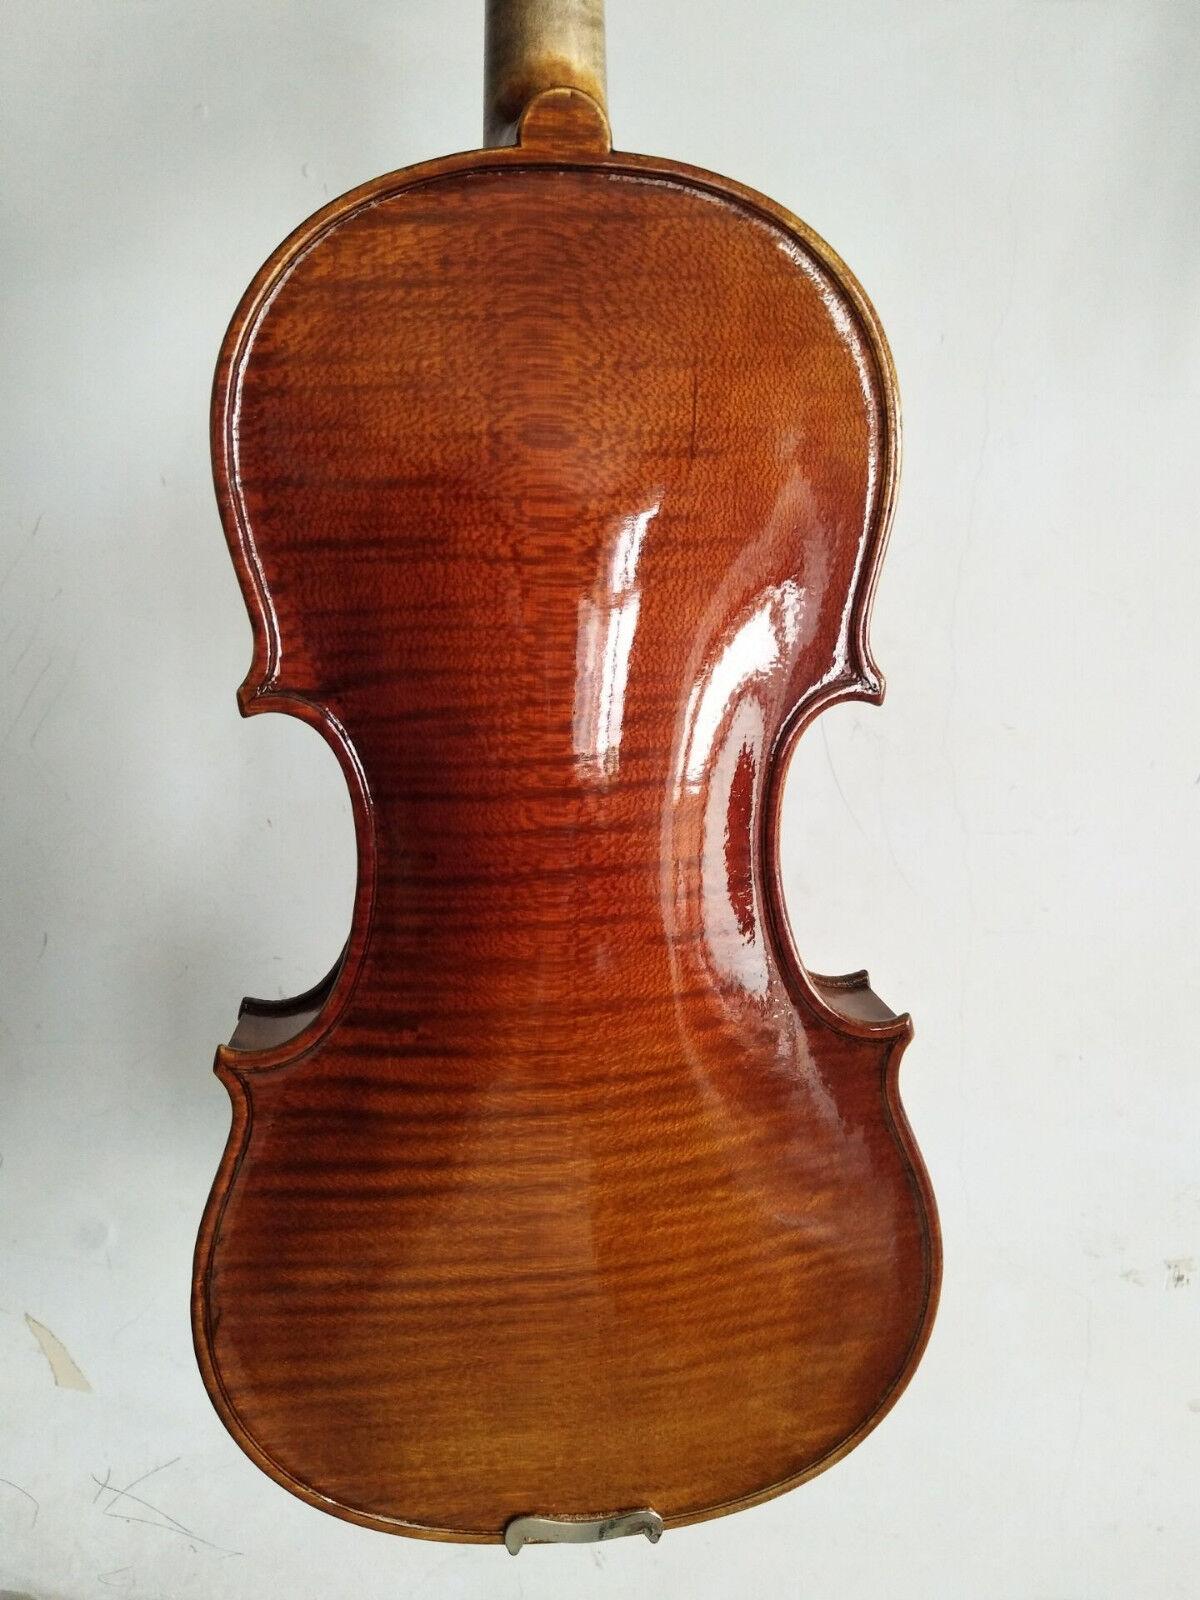 Meister 4 4 violine Amati Modell schön flammte Ahornrücksprung top No2